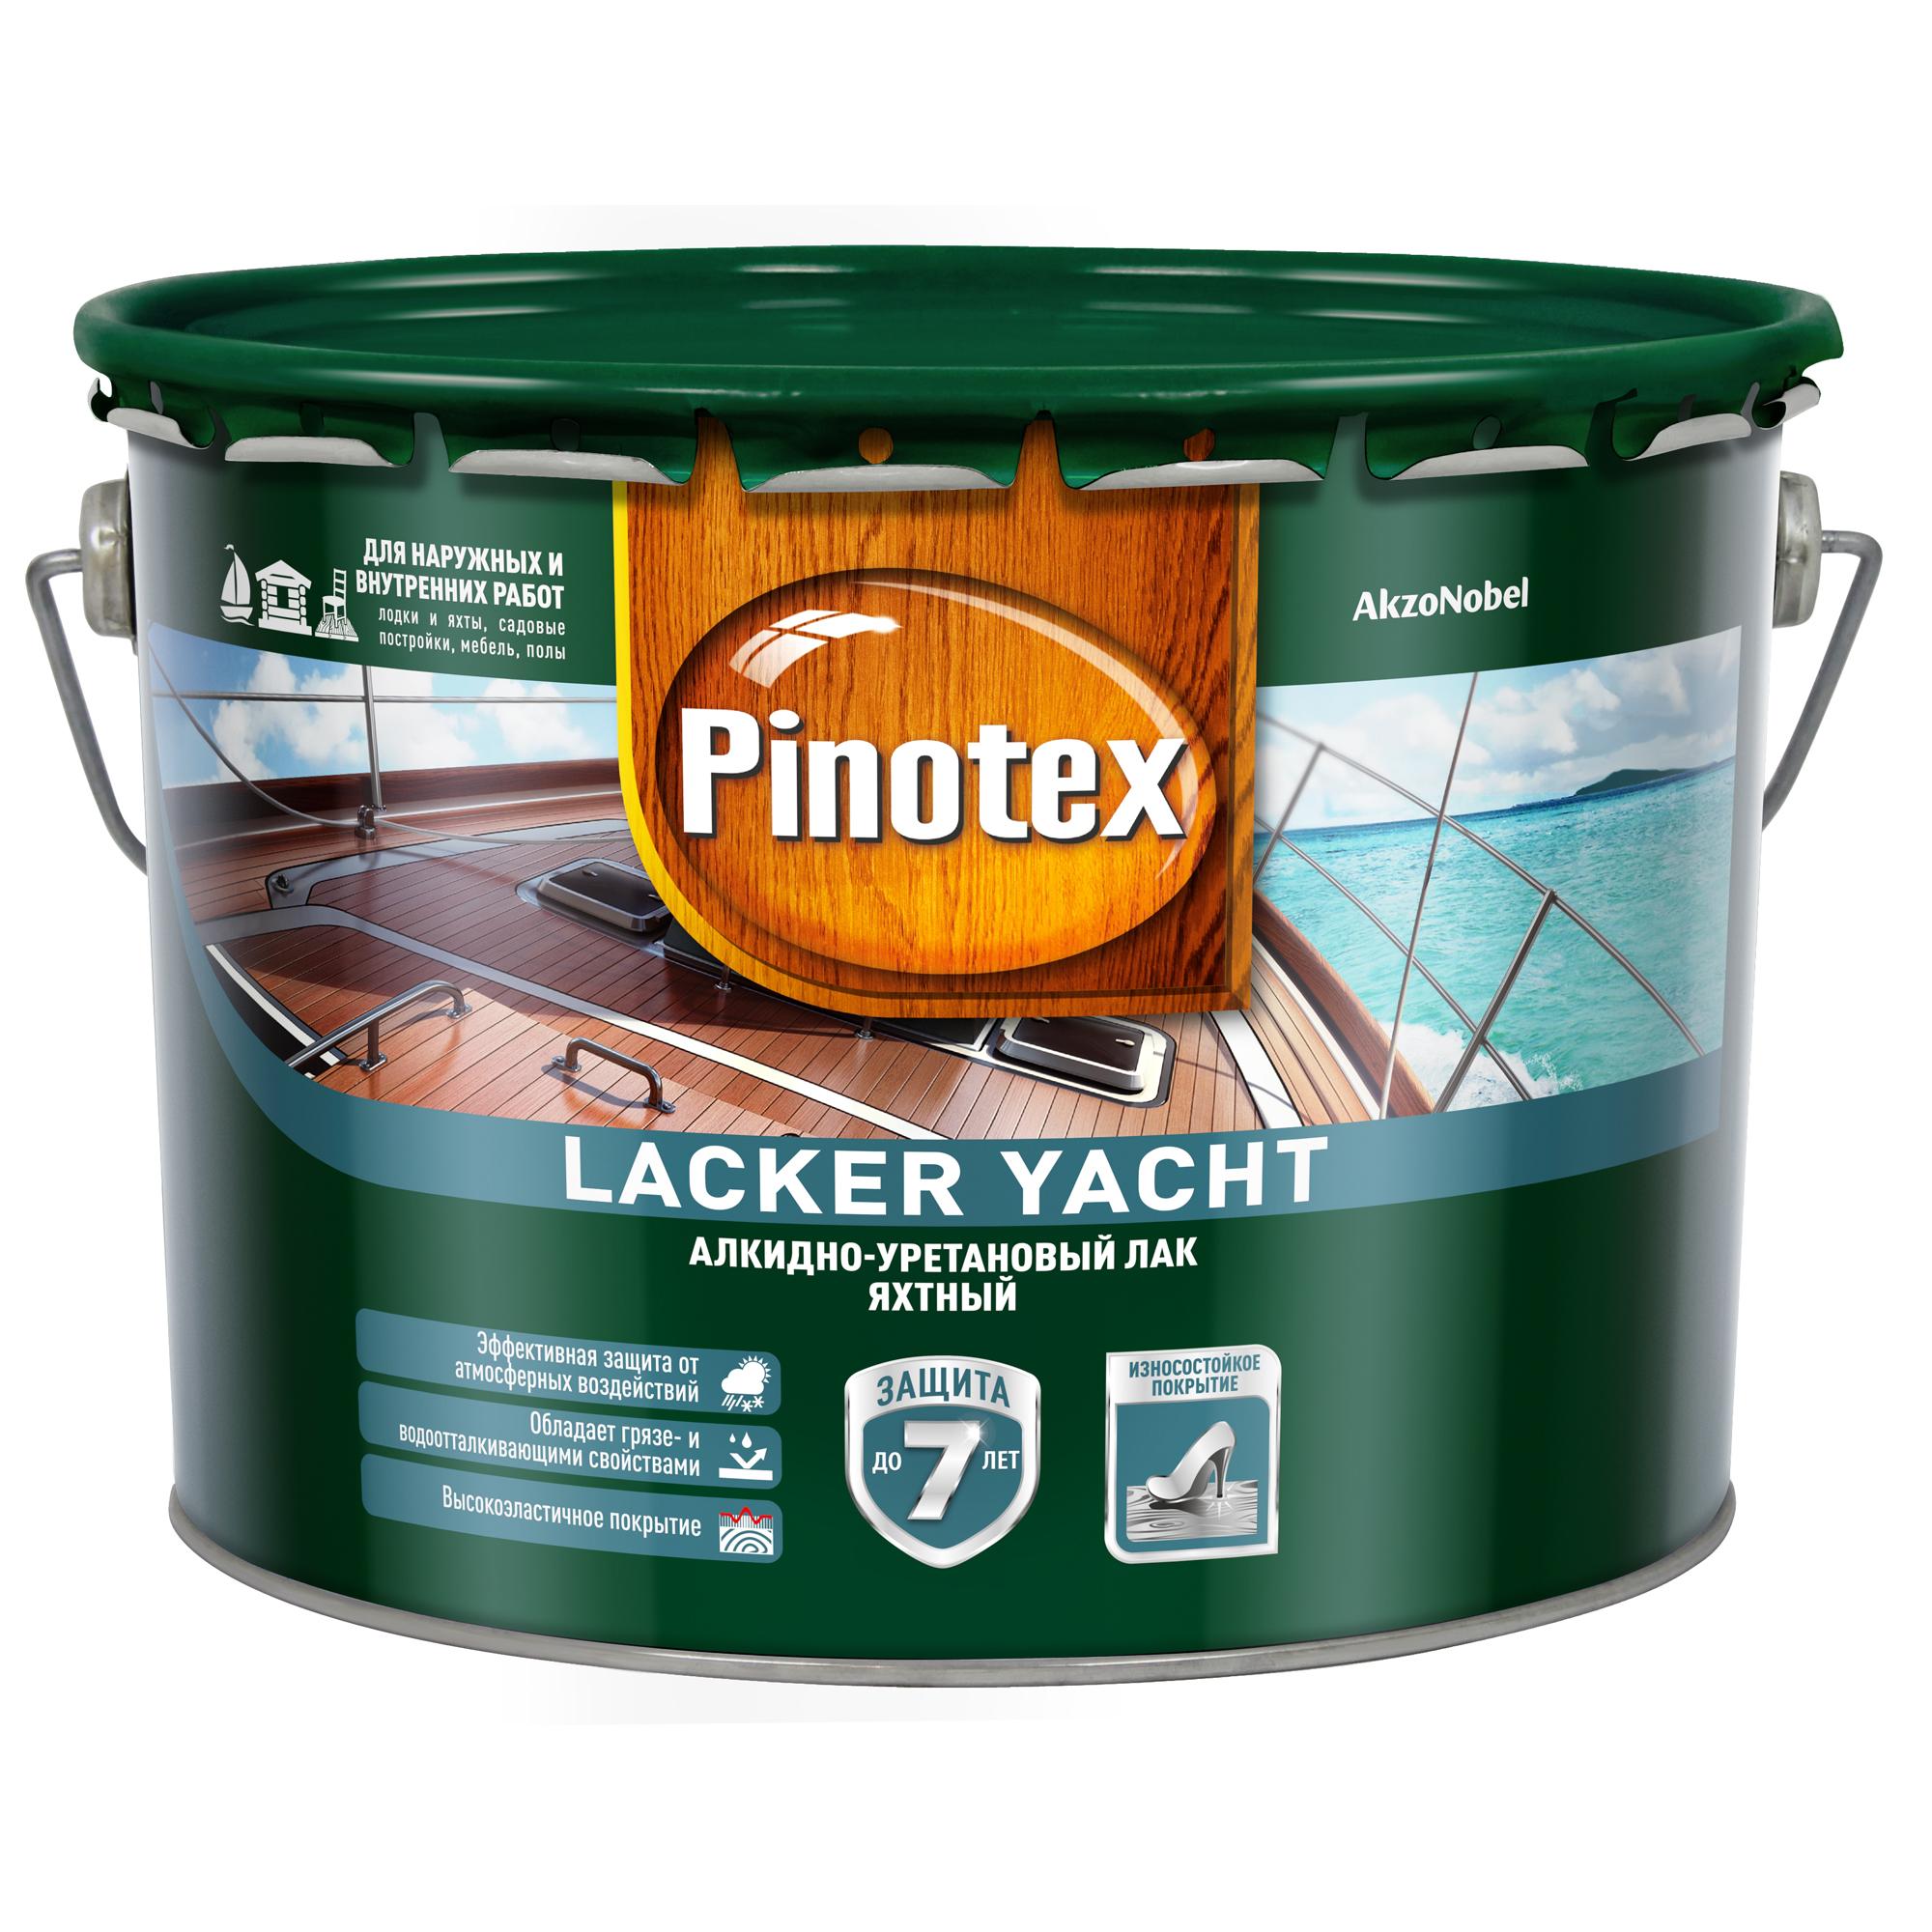 Лак Pinotex лакер яхт глянцевый яхтный 9л фото